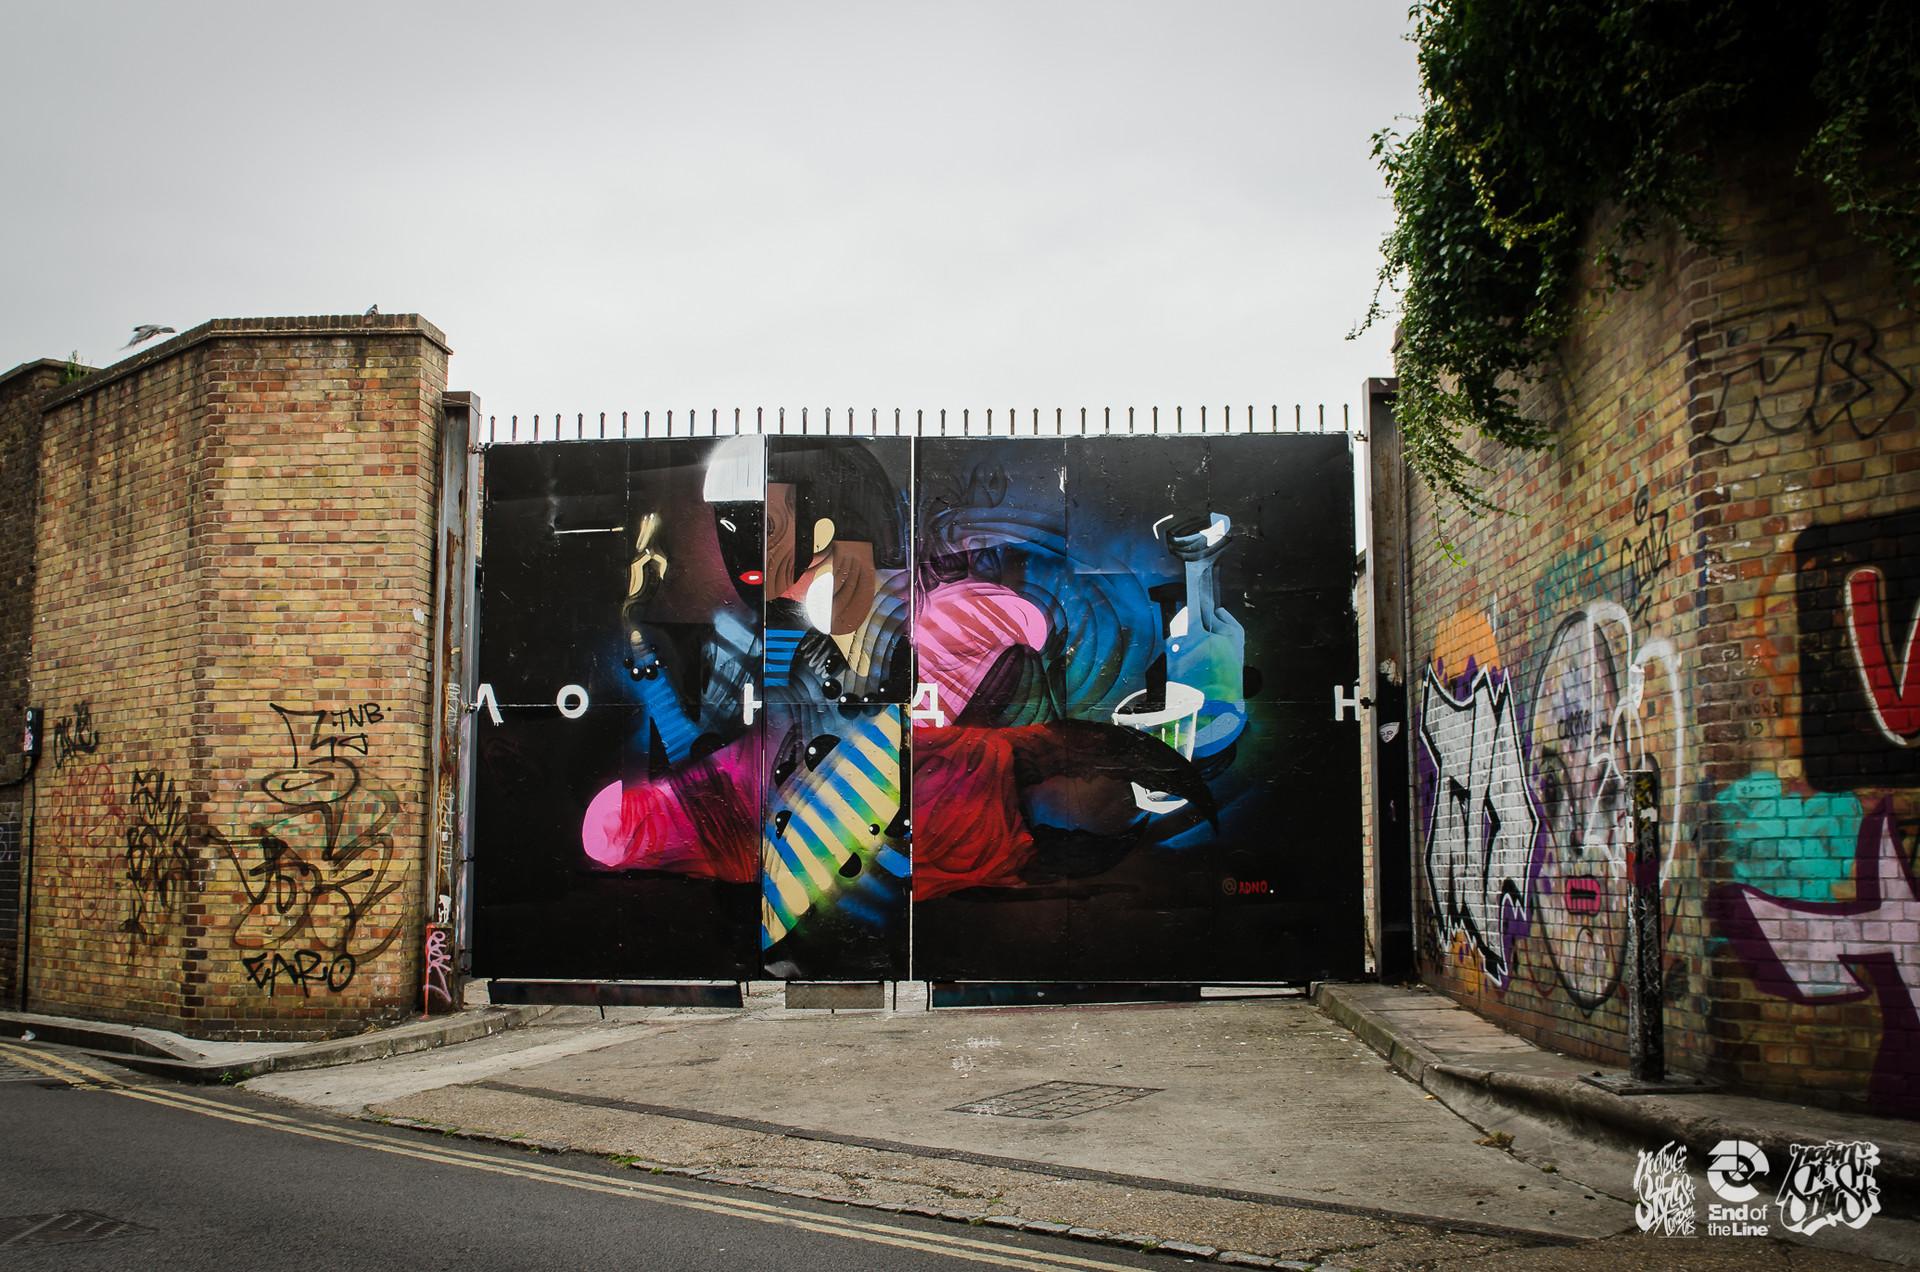 Meeting of Styles UK 2015 (6 of 14).jpg